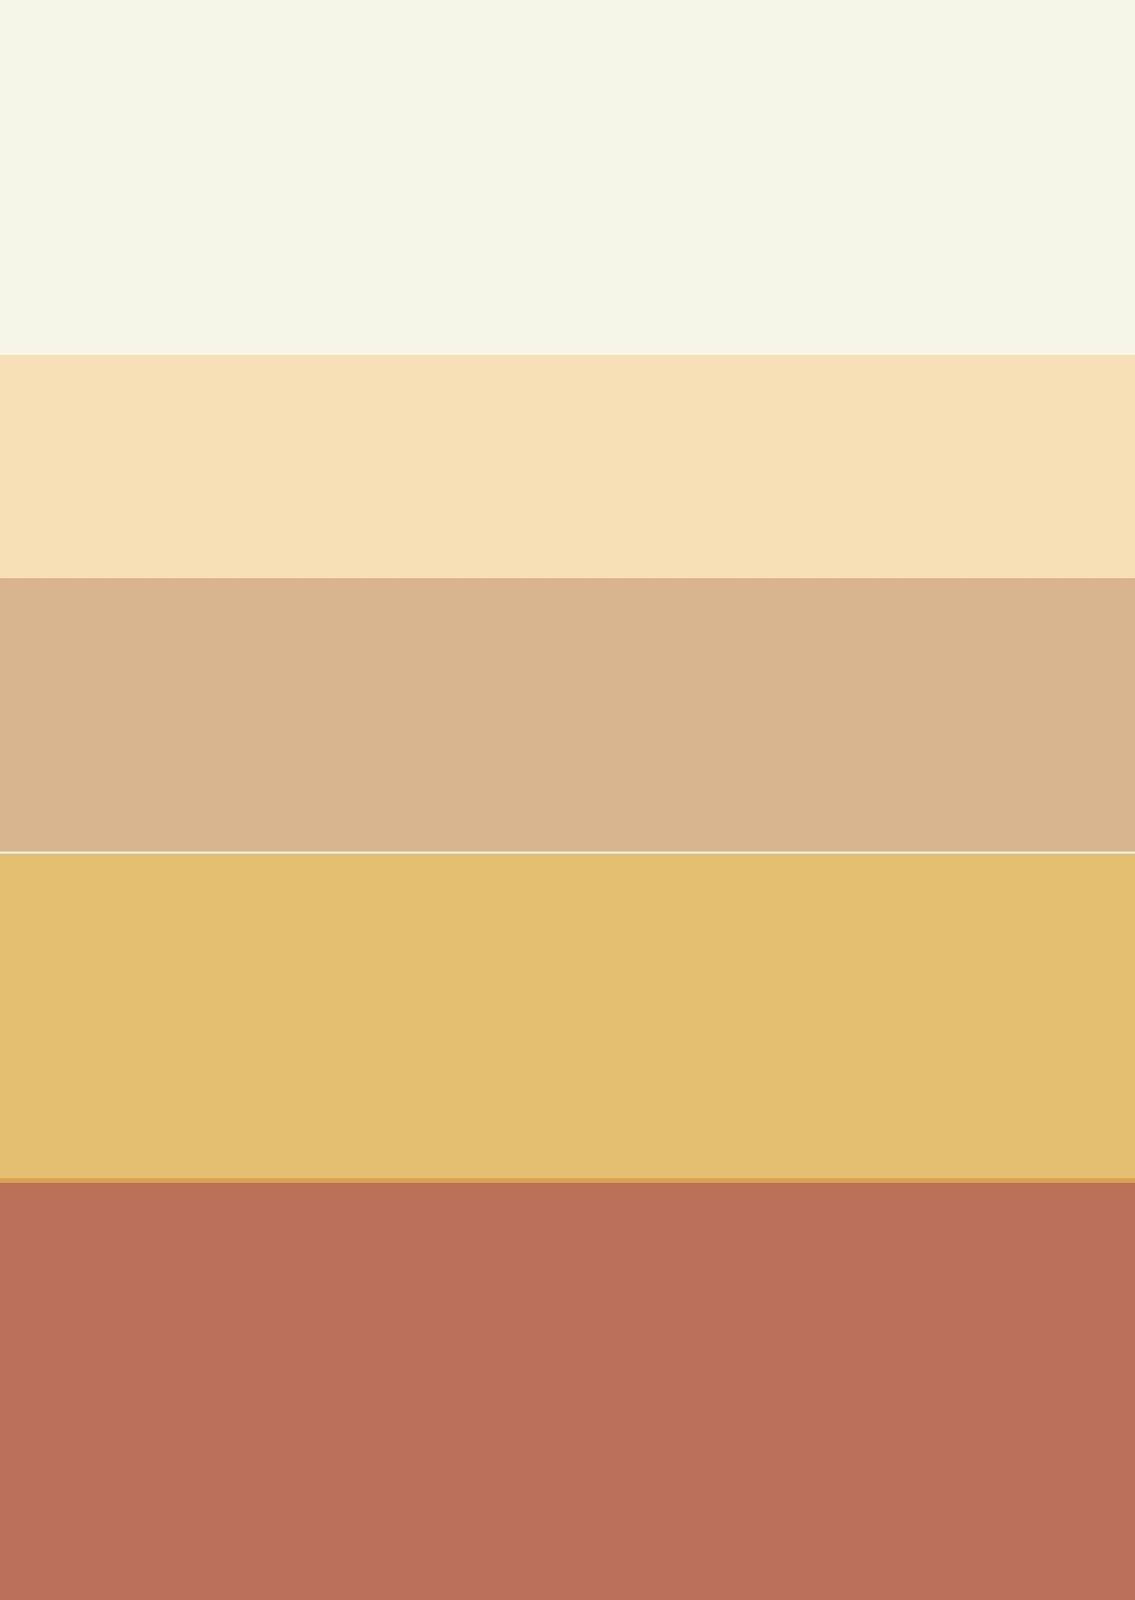 Escuela de interiorismo estilo mediterr neo - Colores en paredes ...